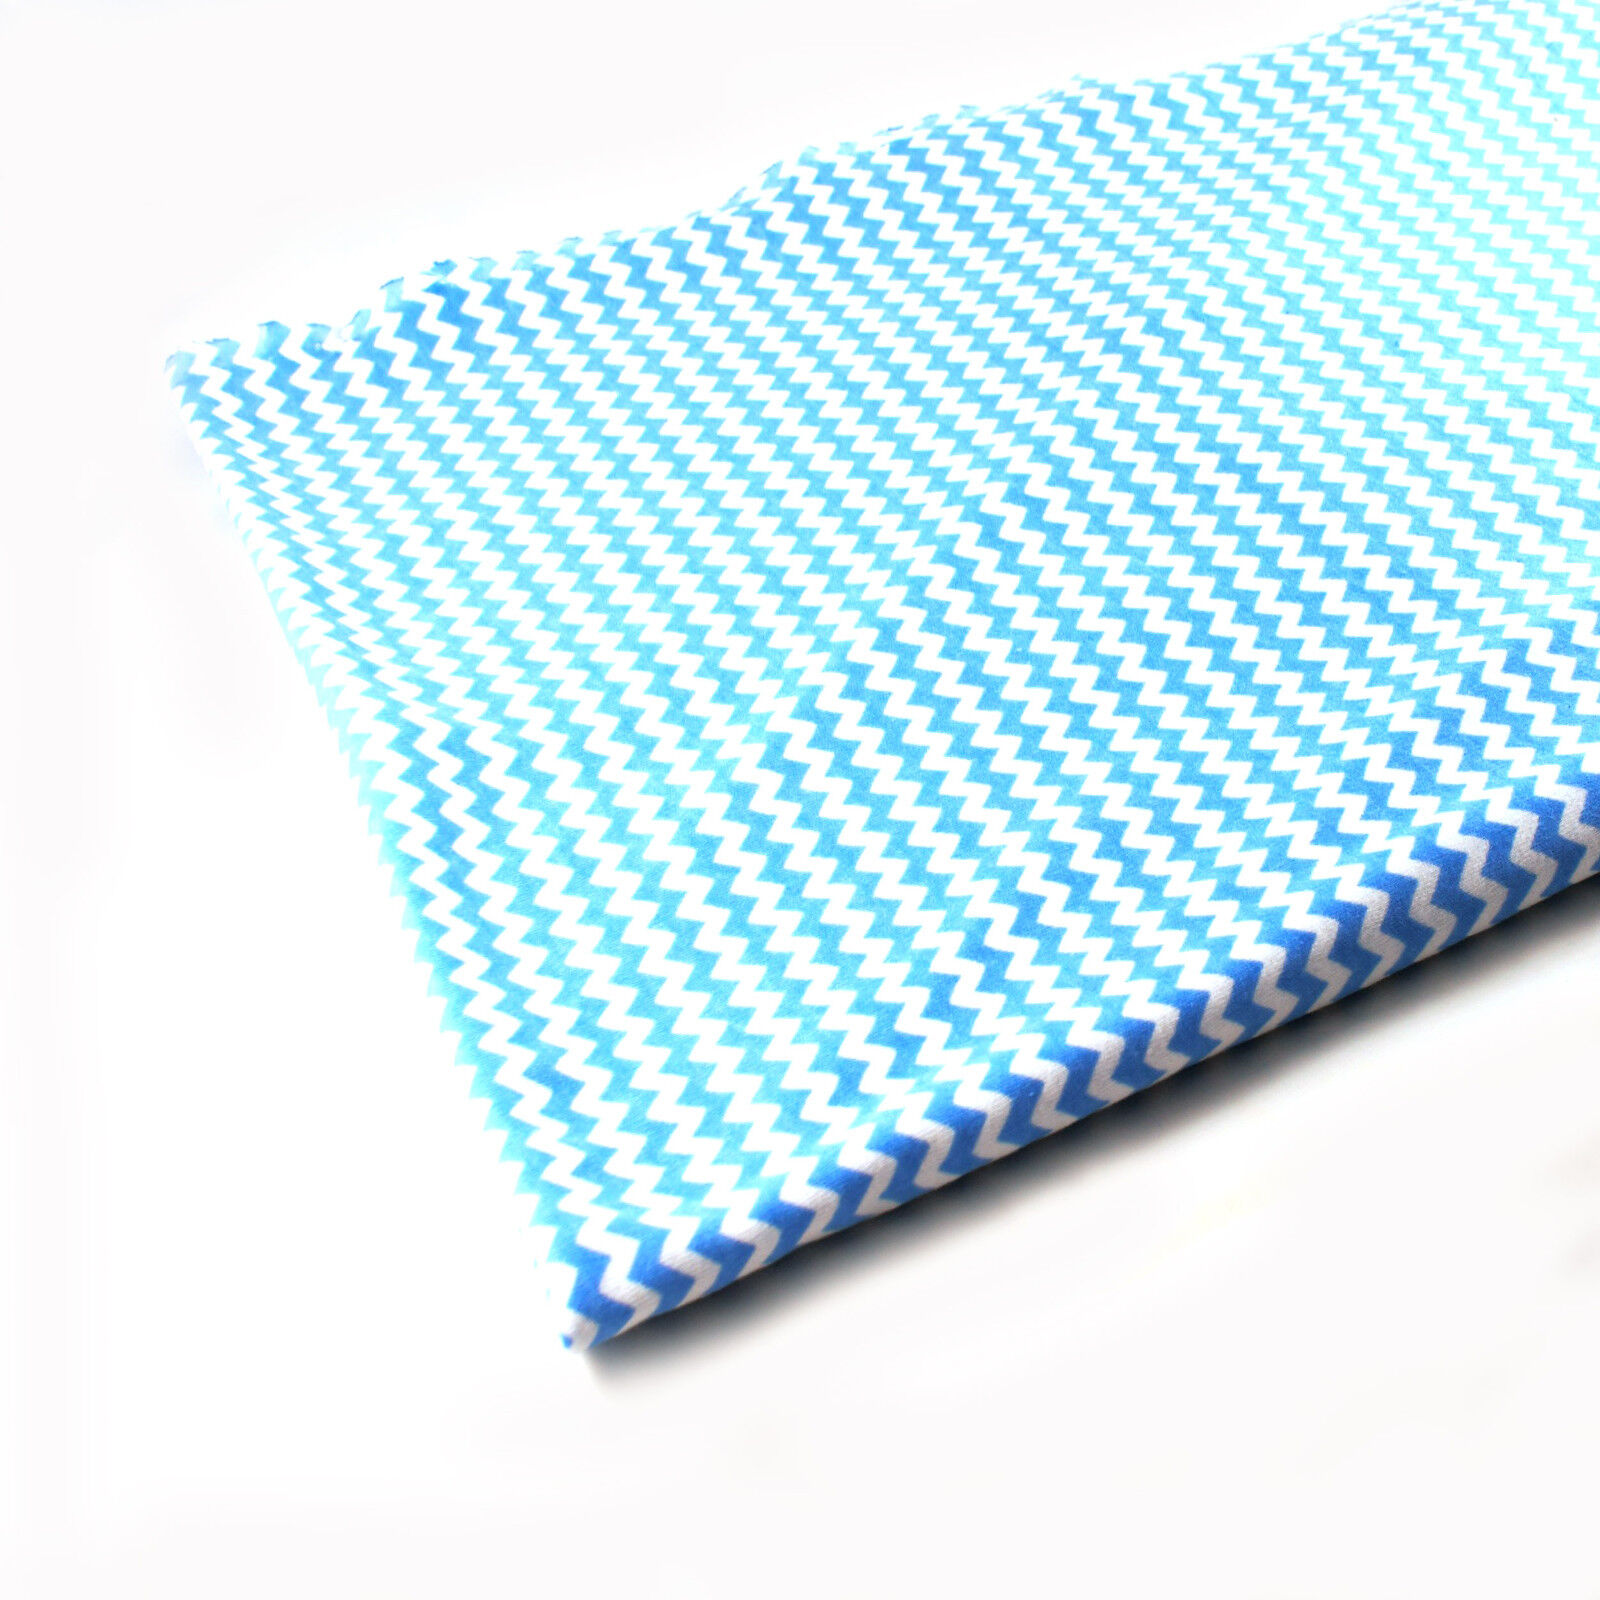 jersey stoff gemustert als meterware mehrere farben zur auswahl viele muster eur 3 65. Black Bedroom Furniture Sets. Home Design Ideas